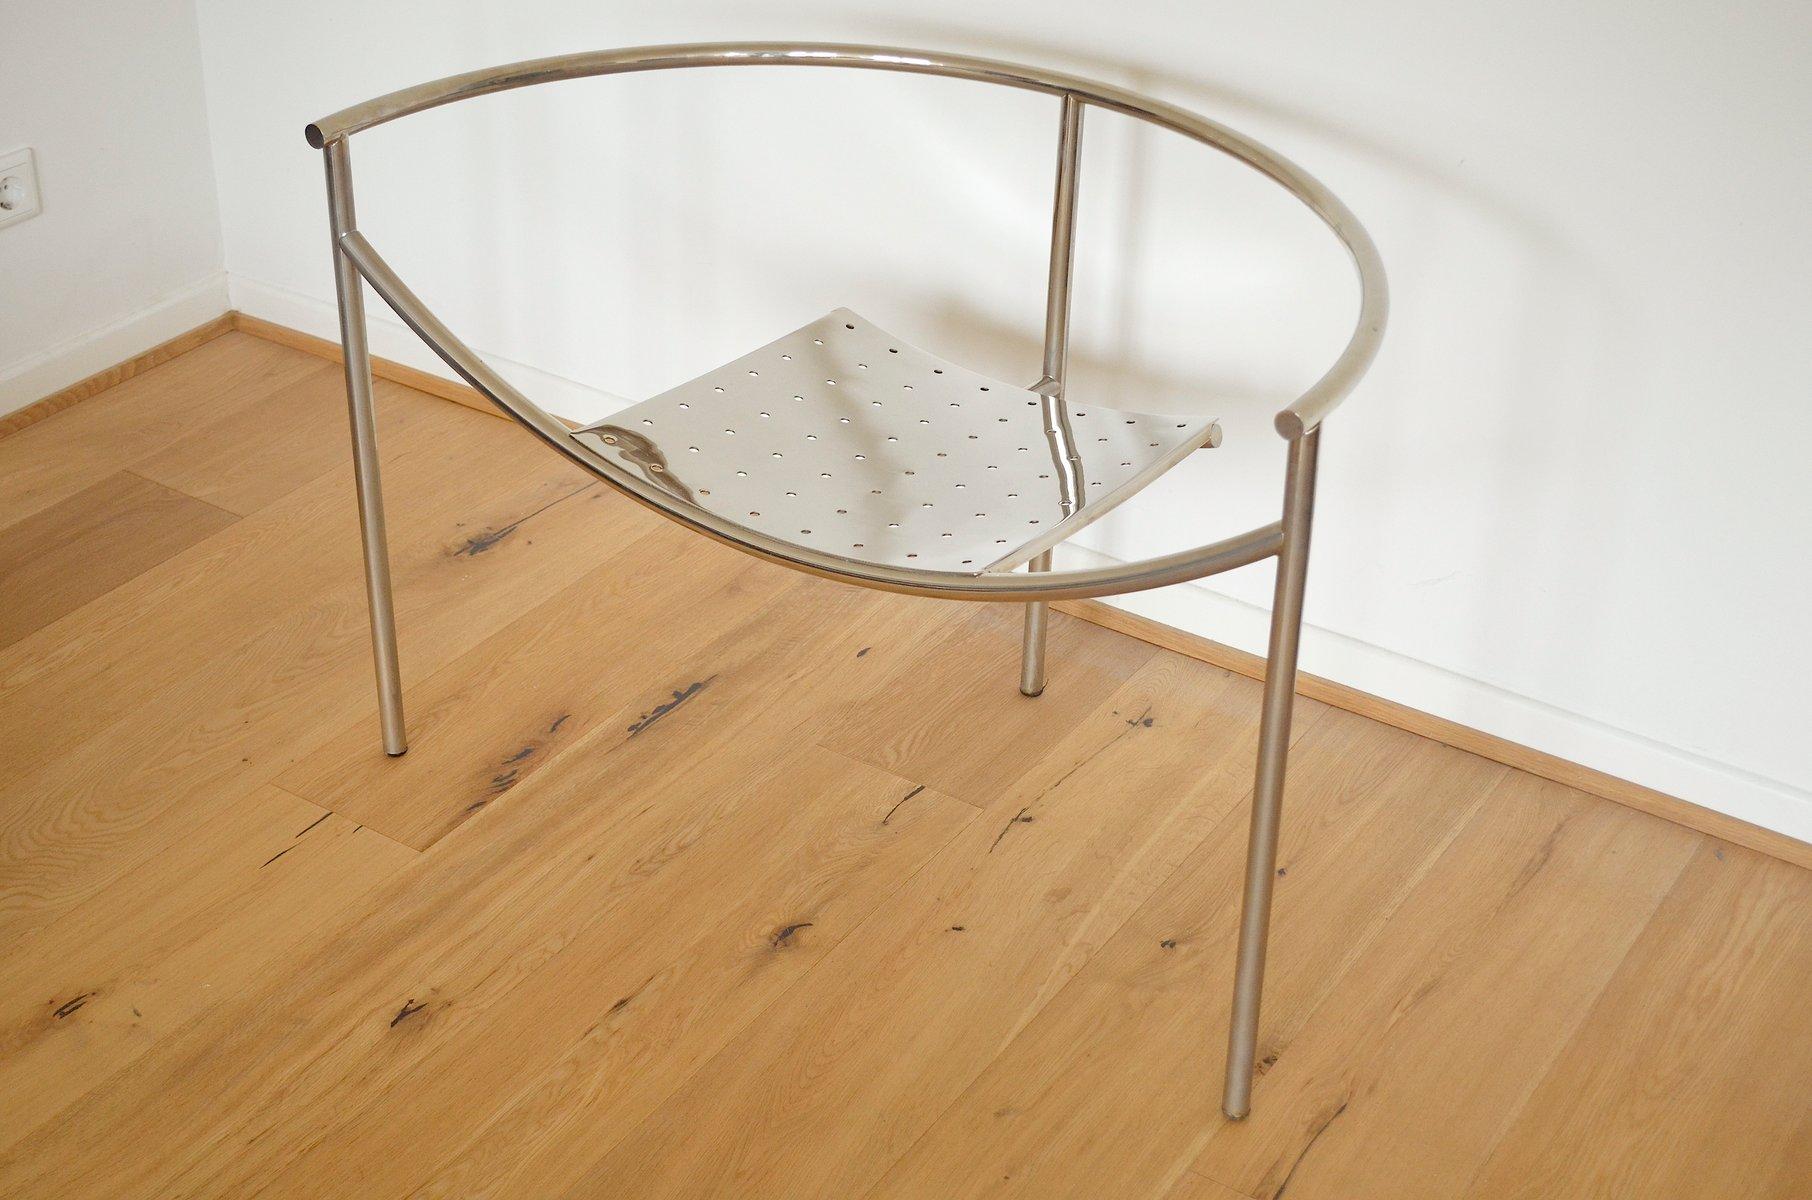 dr sonderbar stuhl von philippe starck f r xo 1983 bei pamono kaufen. Black Bedroom Furniture Sets. Home Design Ideas